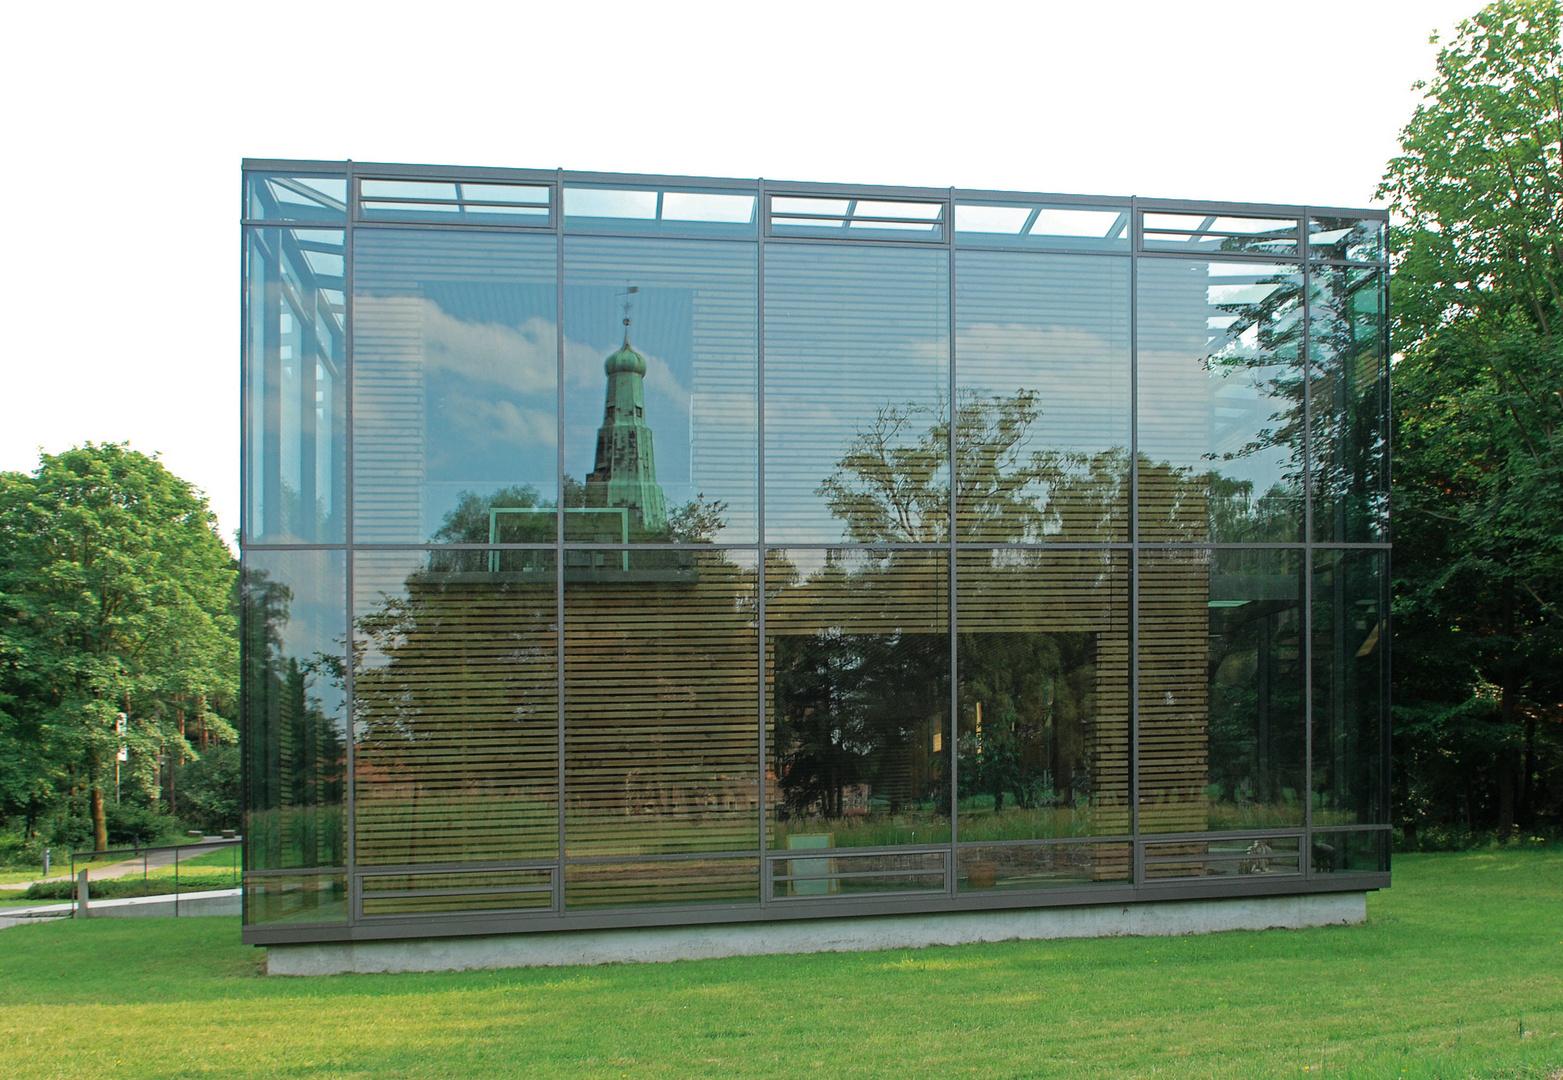 Raesfeld Informationszentrum Tiergarten